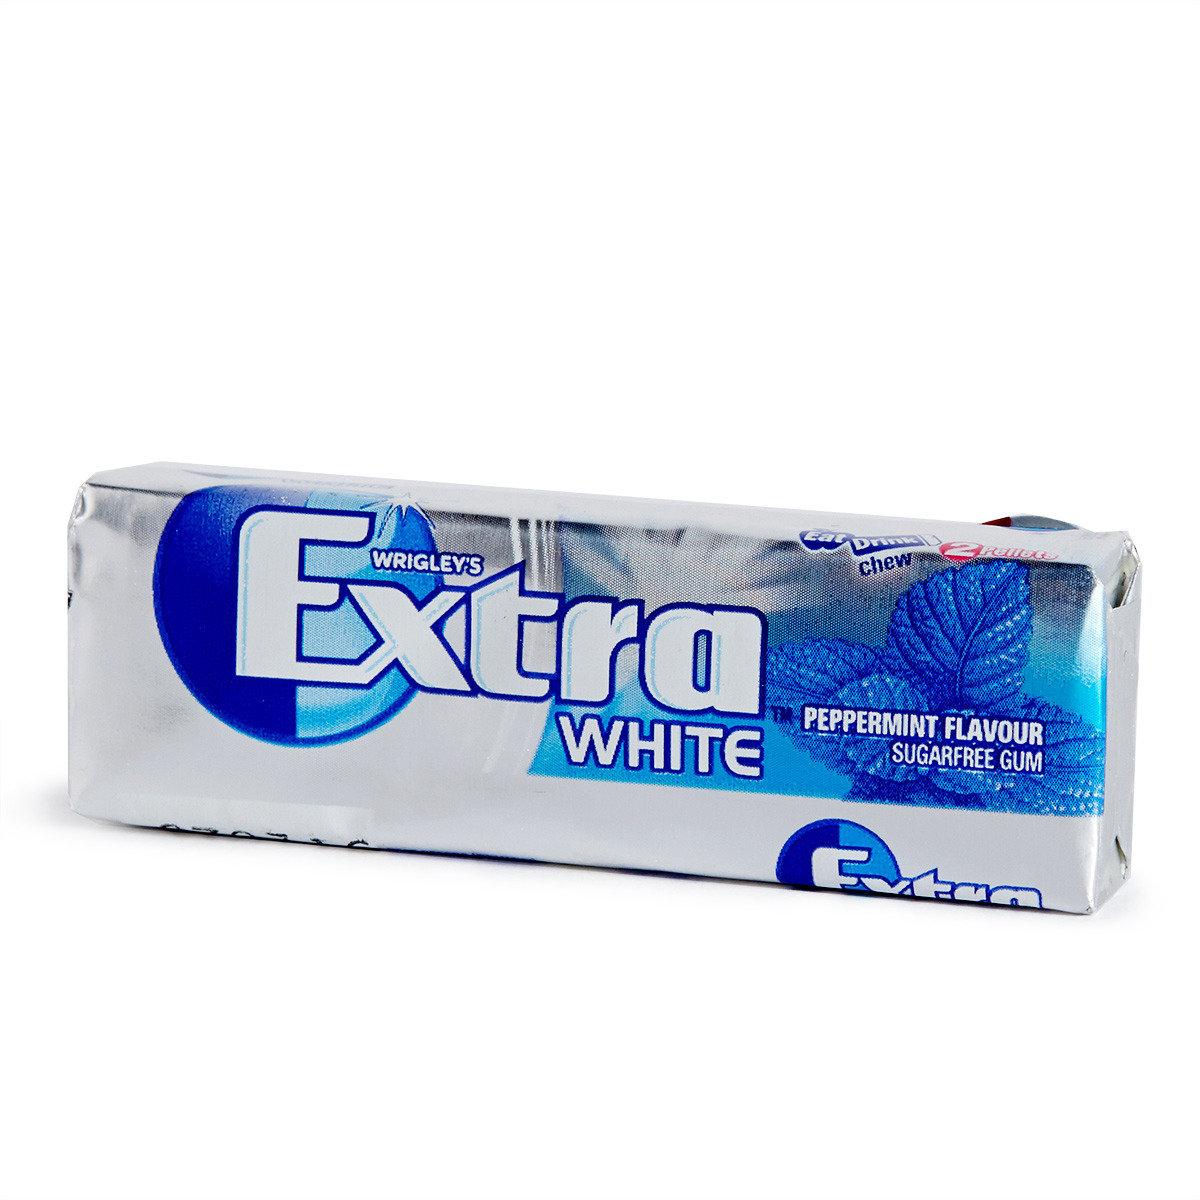 薄荷White 無糖香口珠支裝